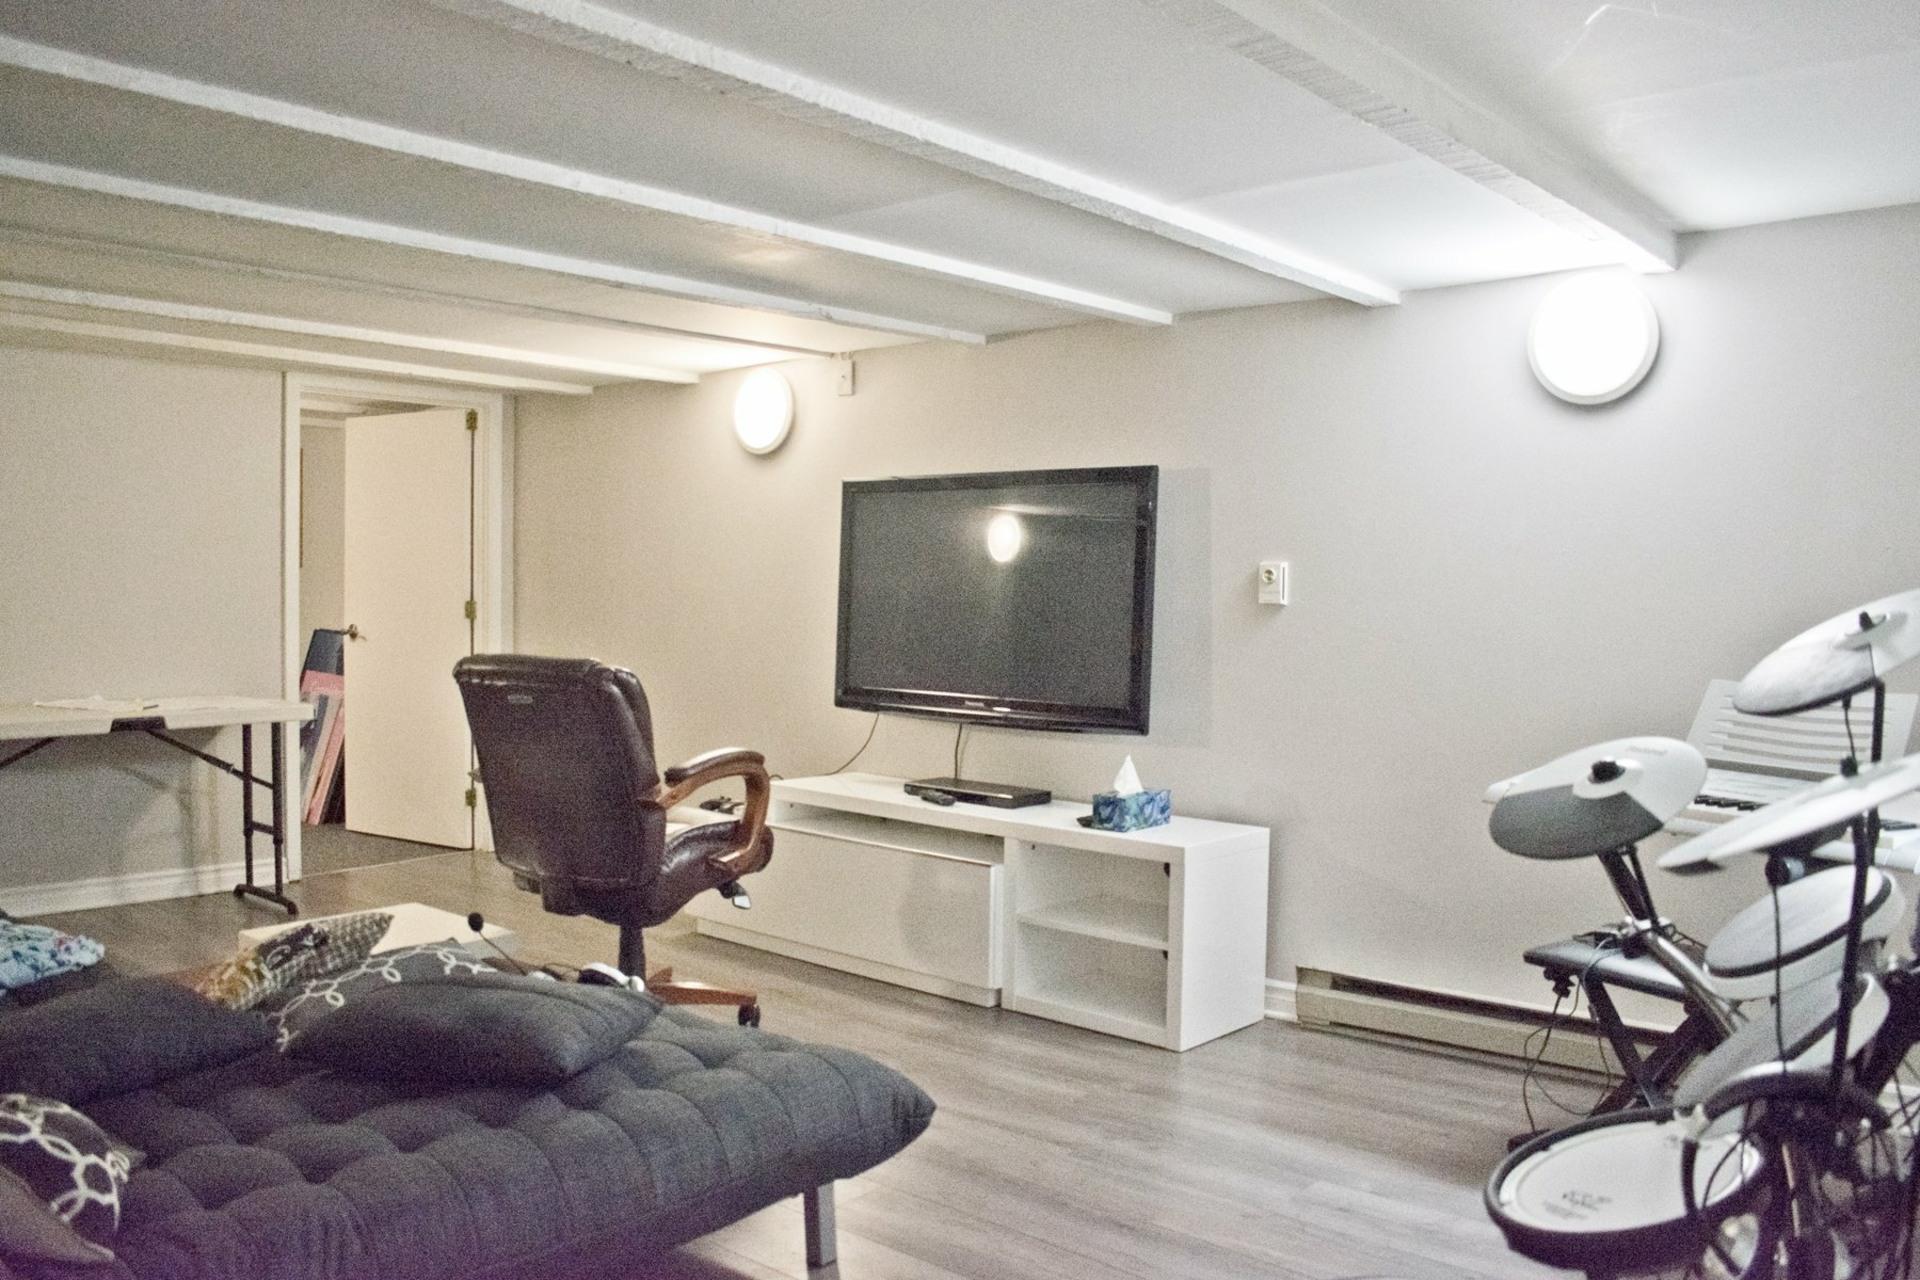 image 17 - Appartement À louer Côte-des-Neiges/Notre-Dame-de-Grâce Montréal  - 11 pièces